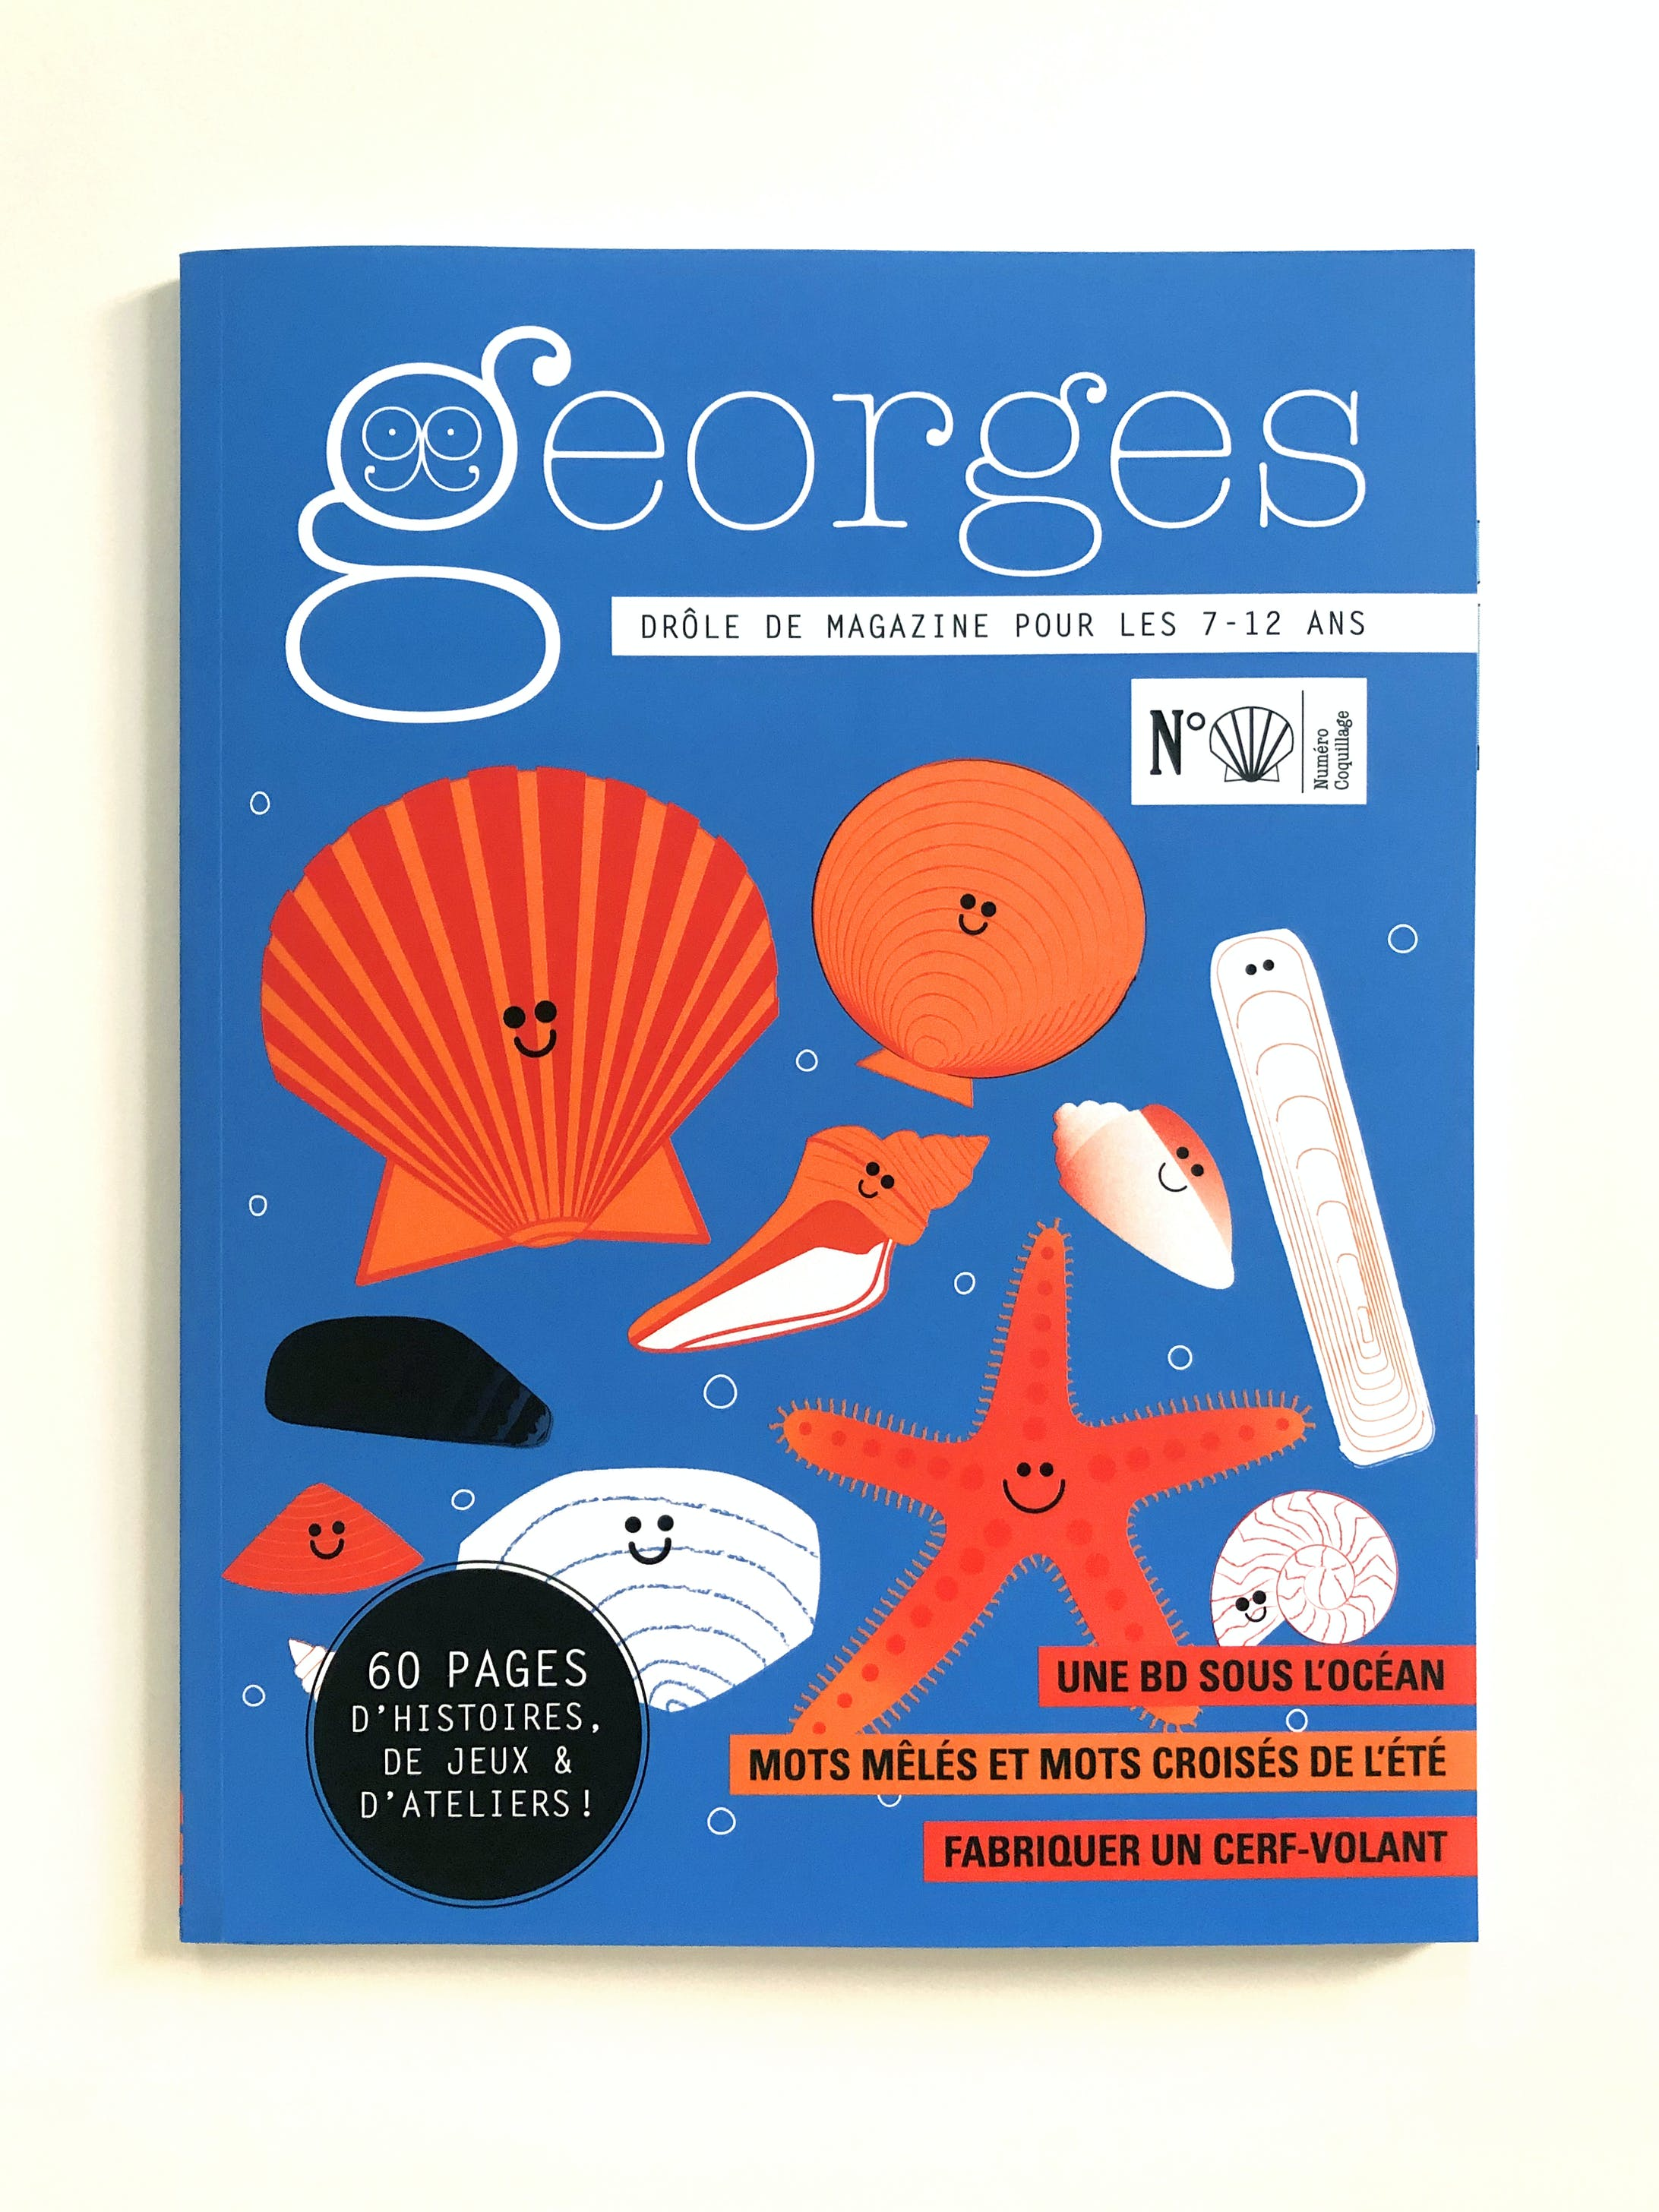 フランスの児童雑誌『Georges』N°Coquillage(Maison Georges)-7